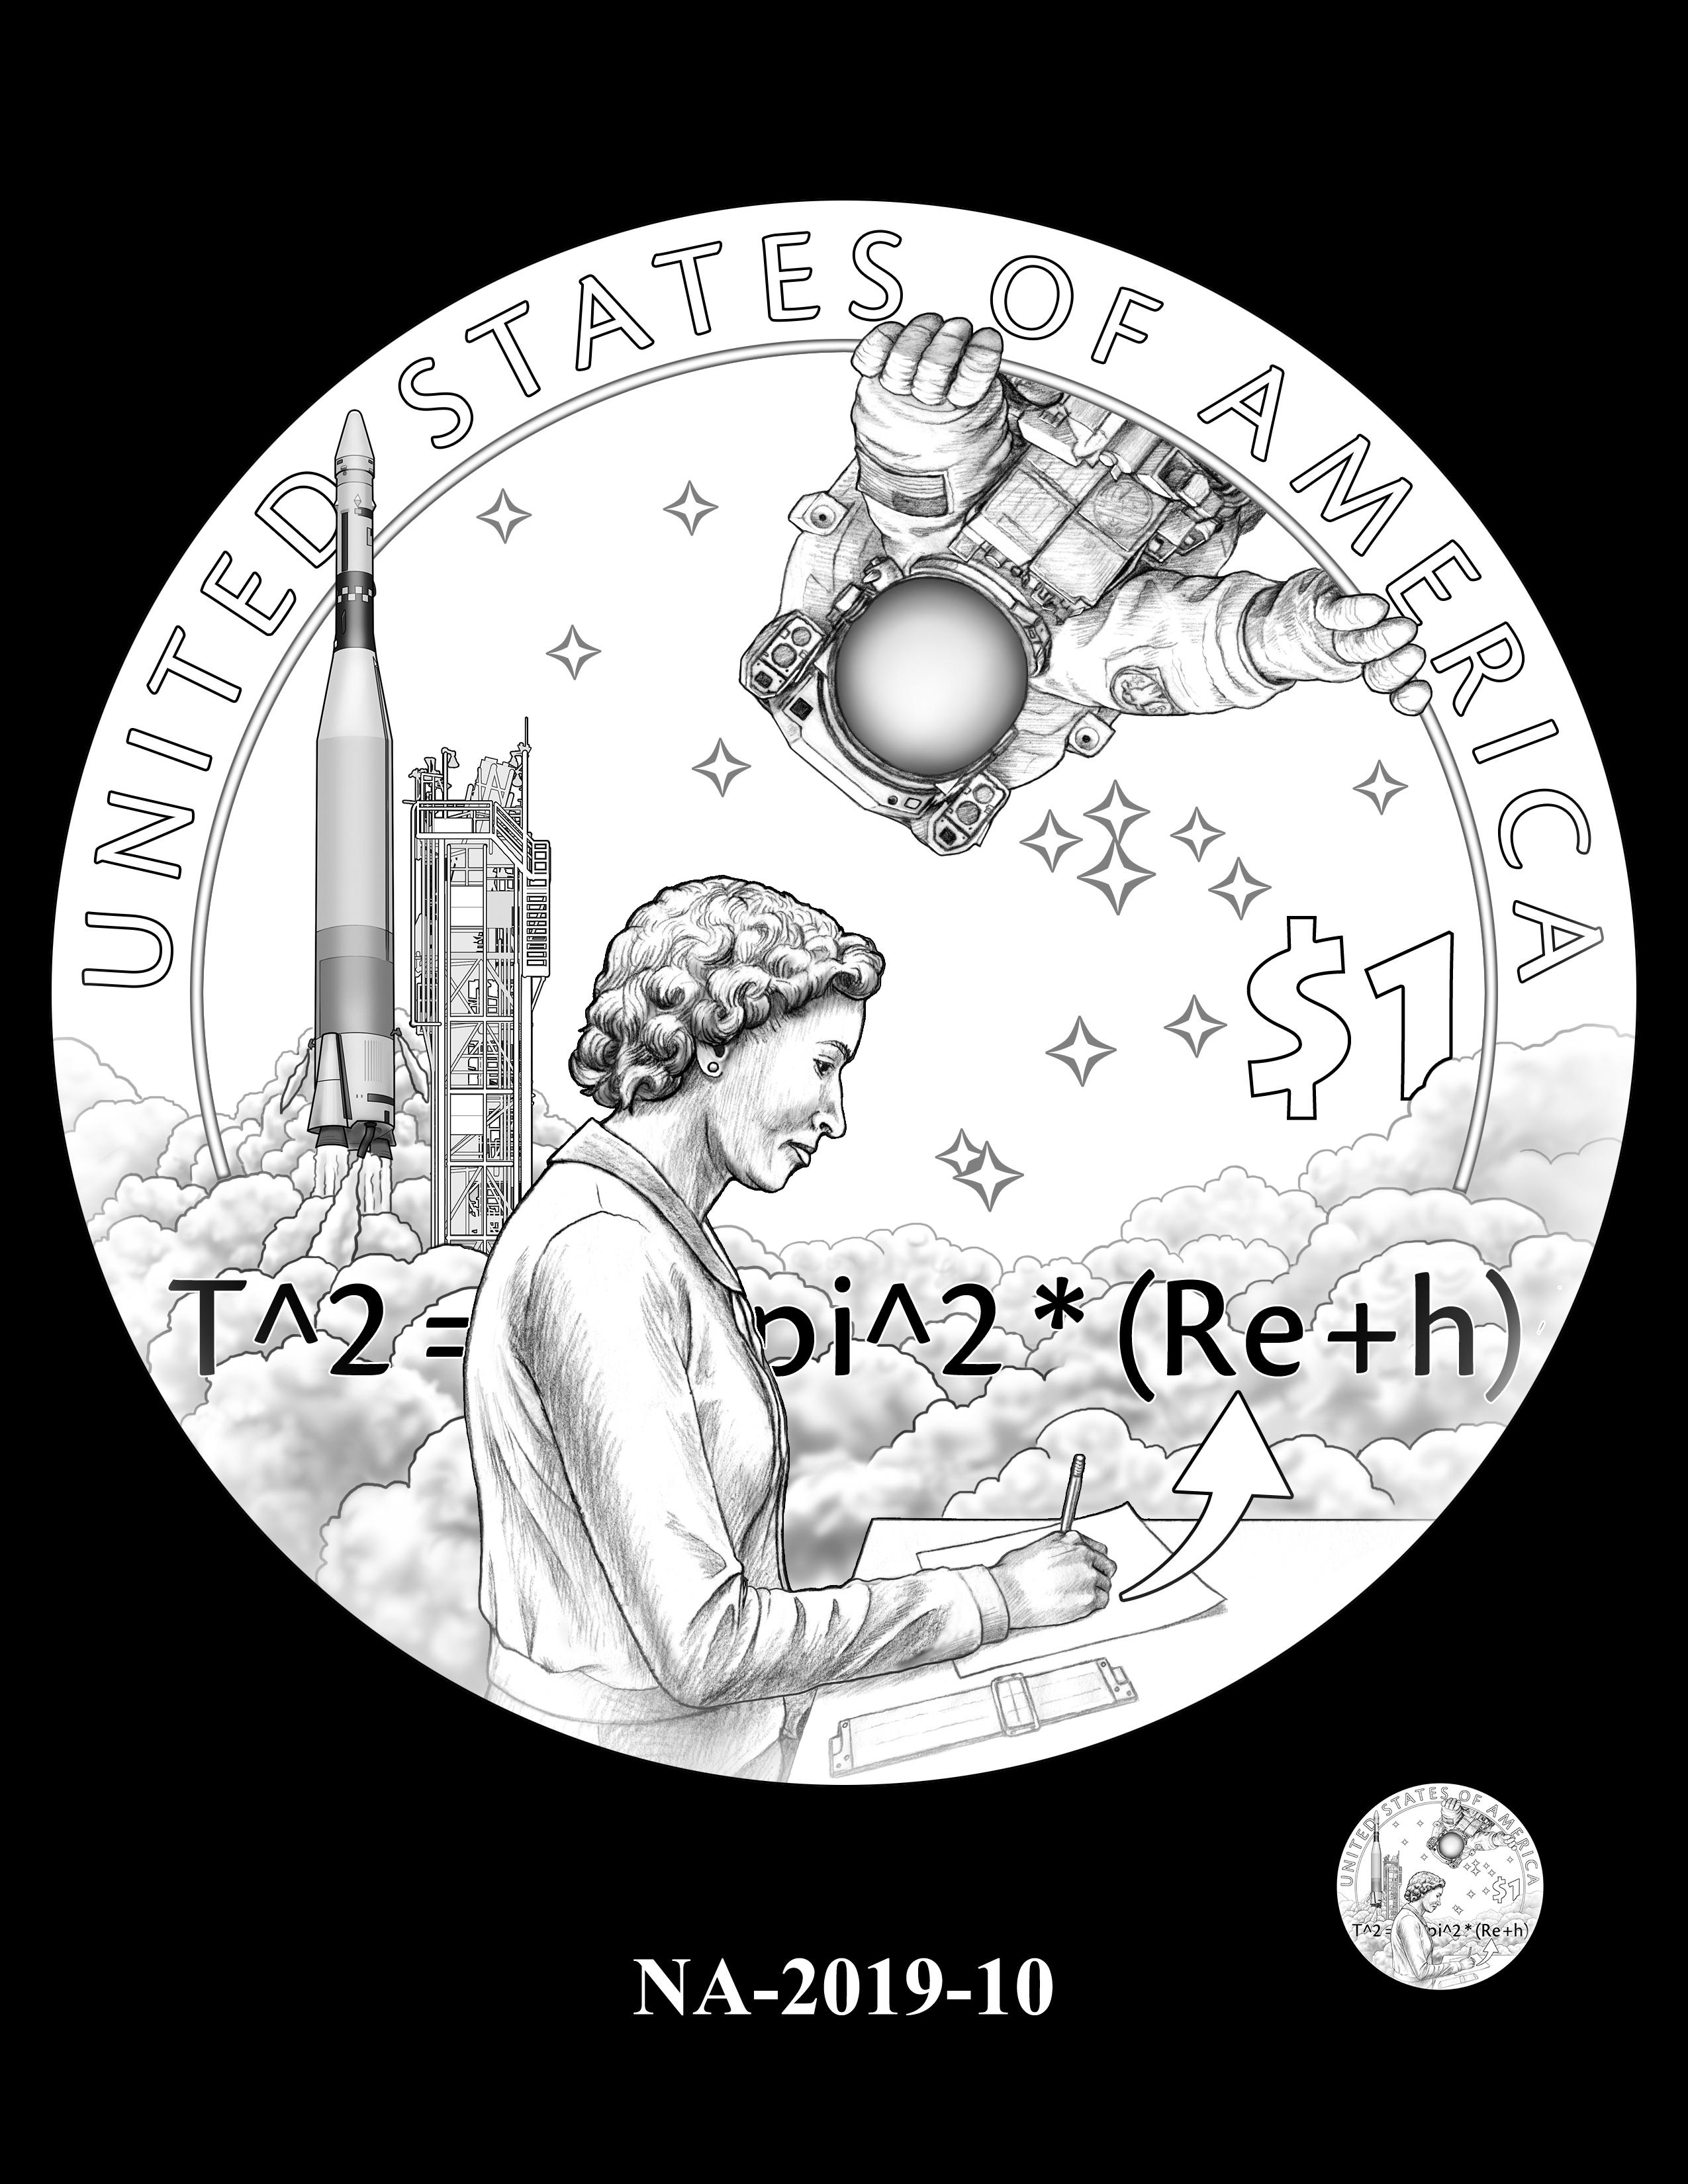 NA-2019-10 --2019 Native American $1 Coin